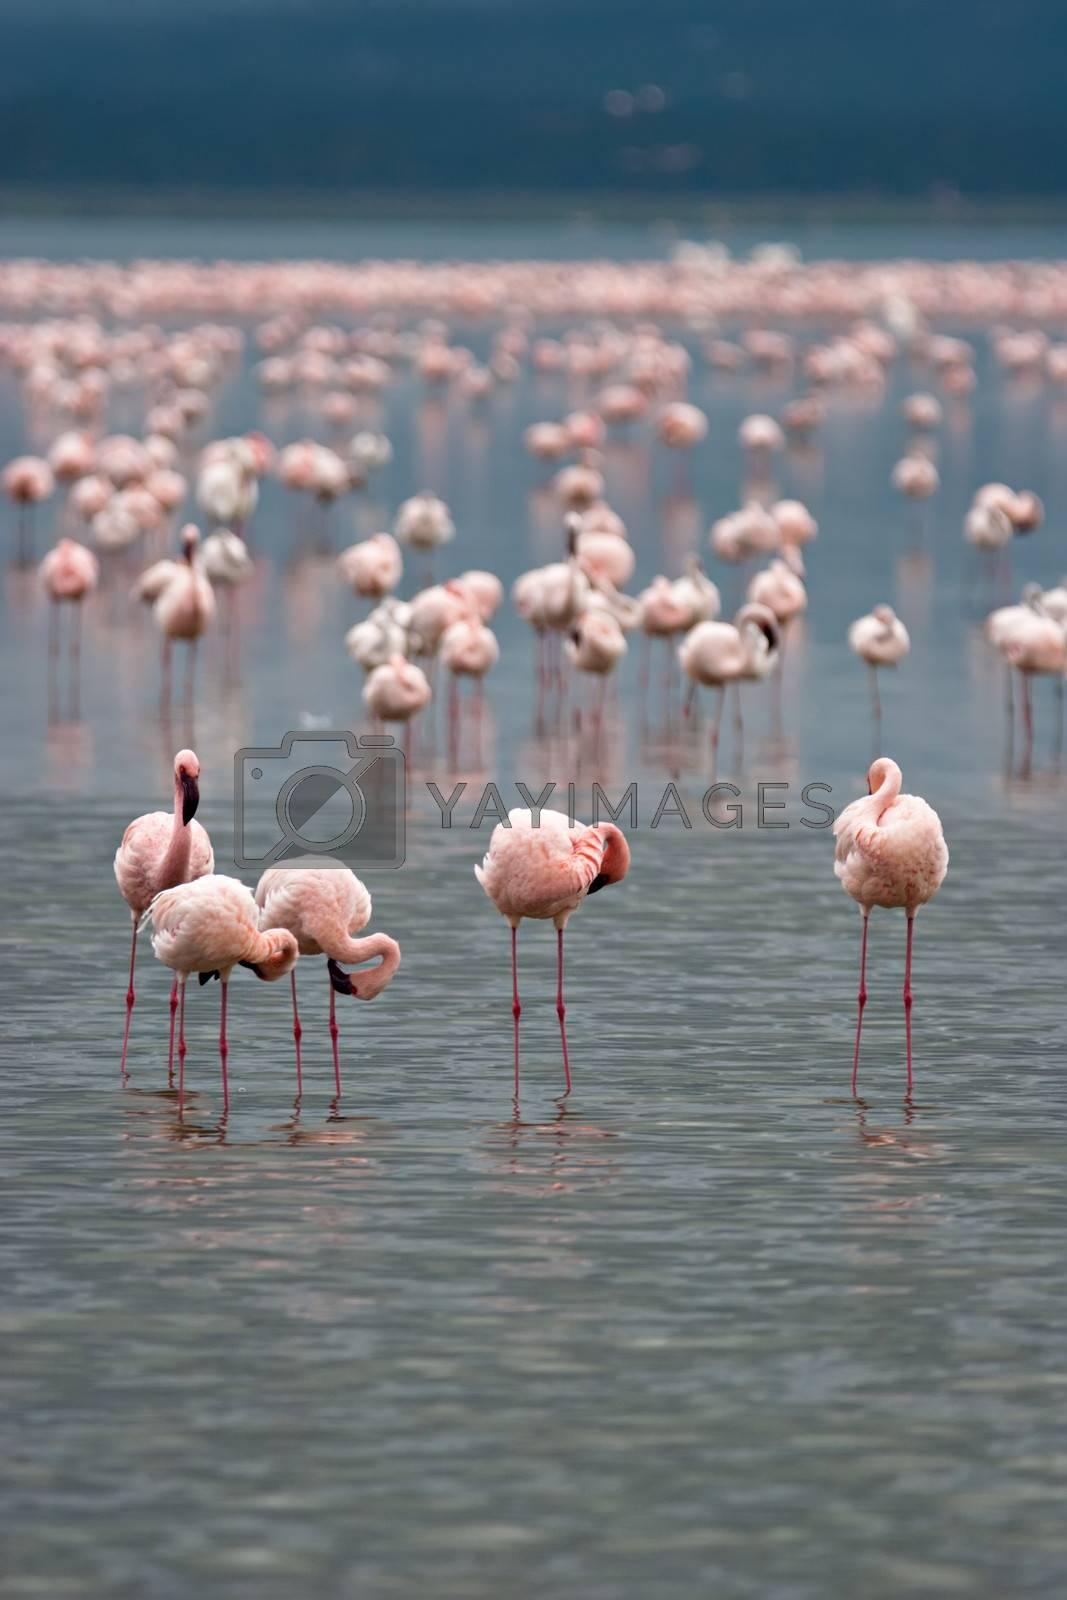 Royalty free image of Flamingos on Lake Nakuru by ajn